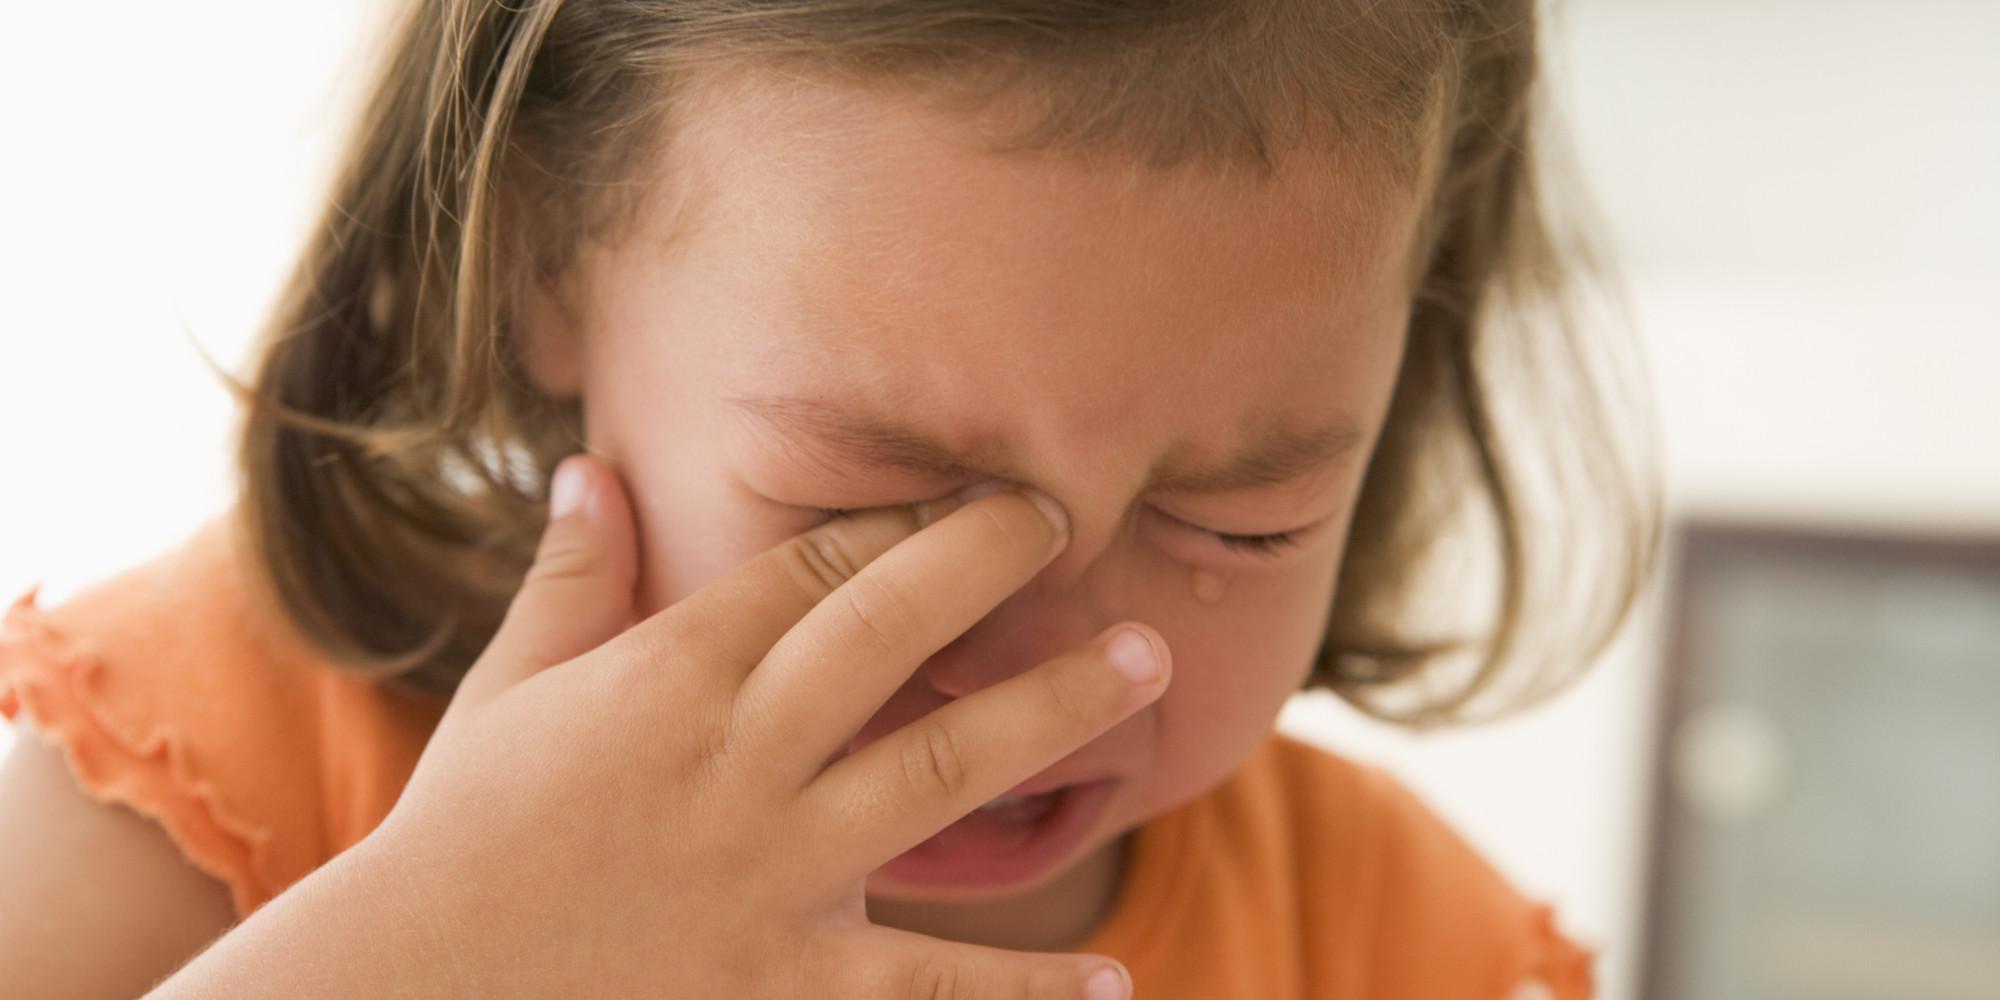 Детям допустимо использовать капли только по рецепту офтальмолога